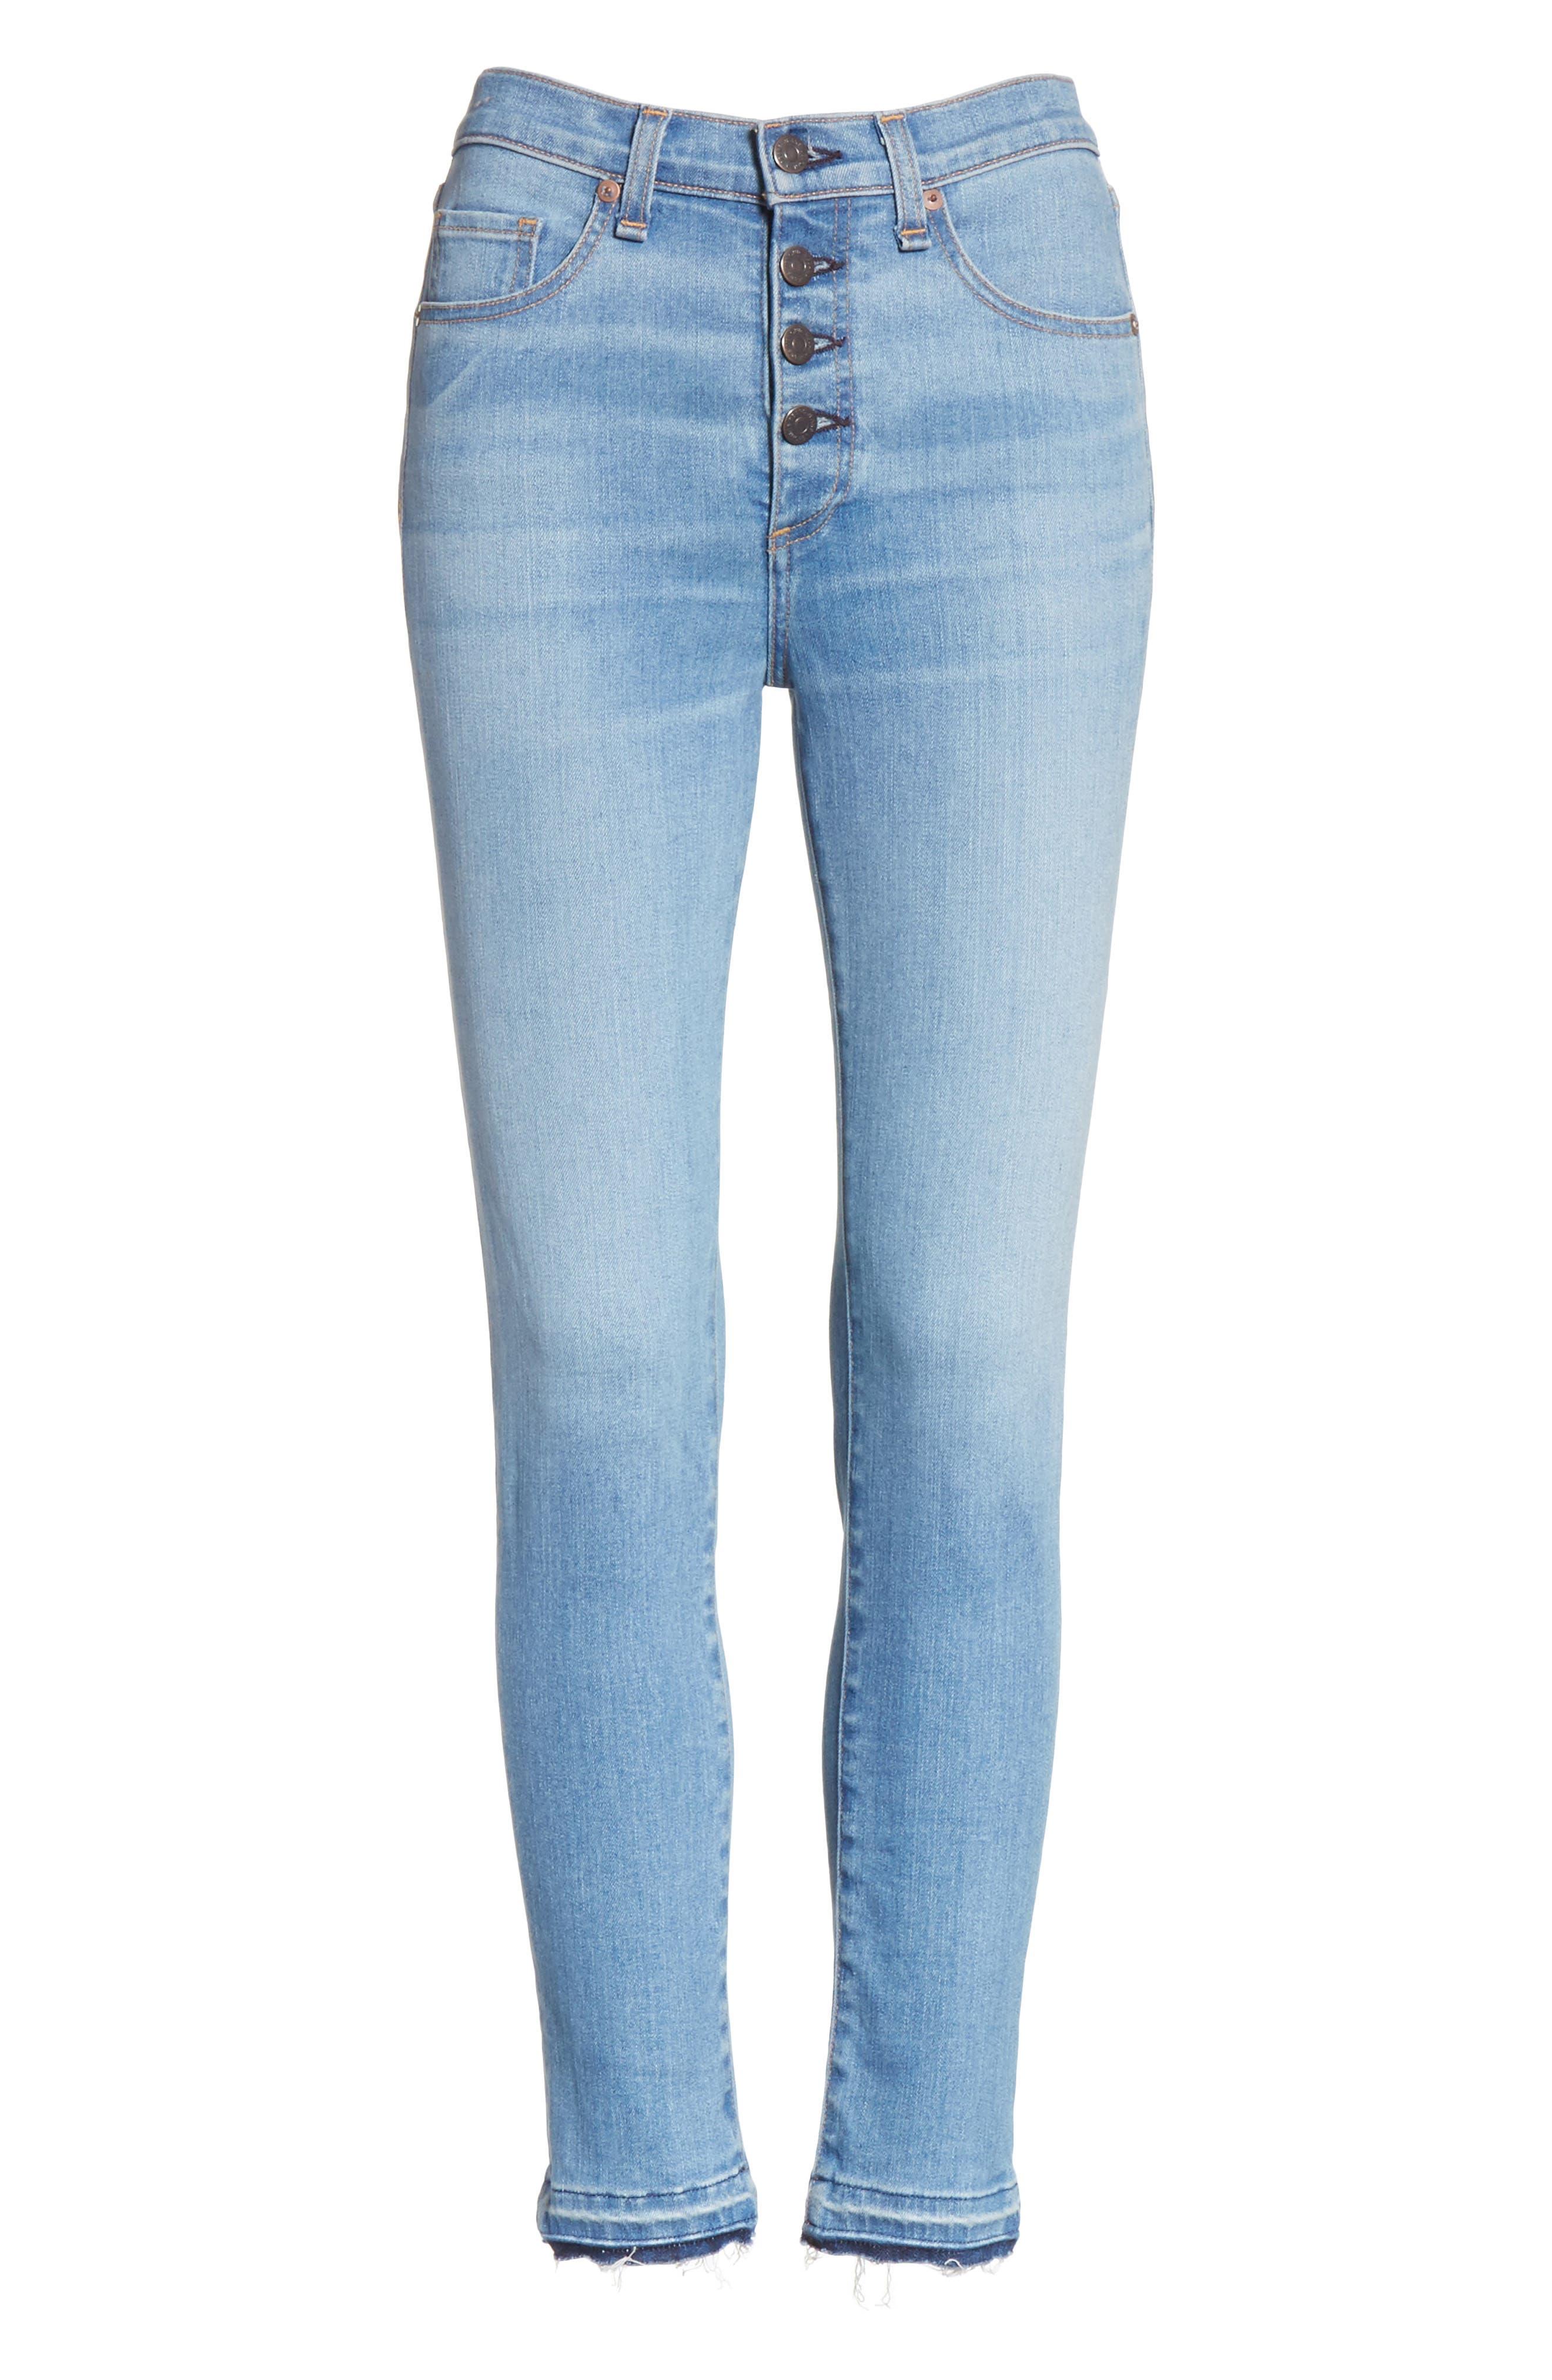 Debbie Frayed Crop Skinny Jeans,                             Alternate thumbnail 6, color,                             Ocean Blue